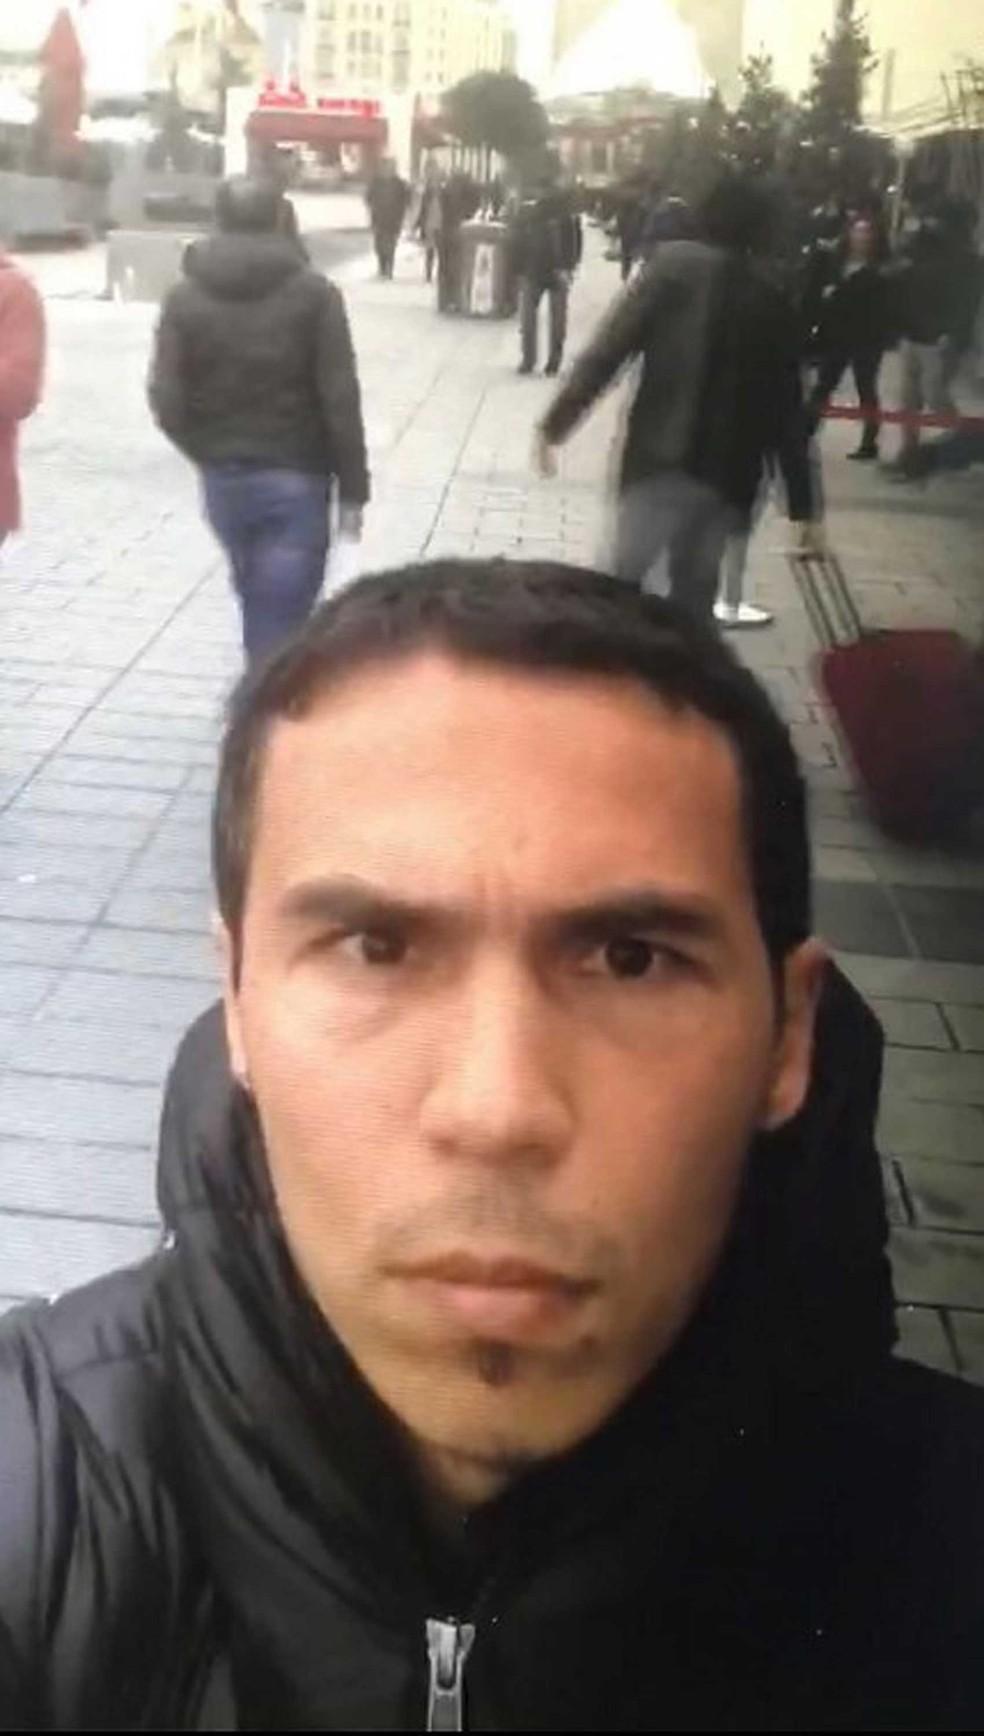 Polícia turca divulgou a foto do principal suspeito de ter atacado a boate Reina, em Istambul, na madrugada de domingo (1º) (Foto: Dogan News Agency/AFP)